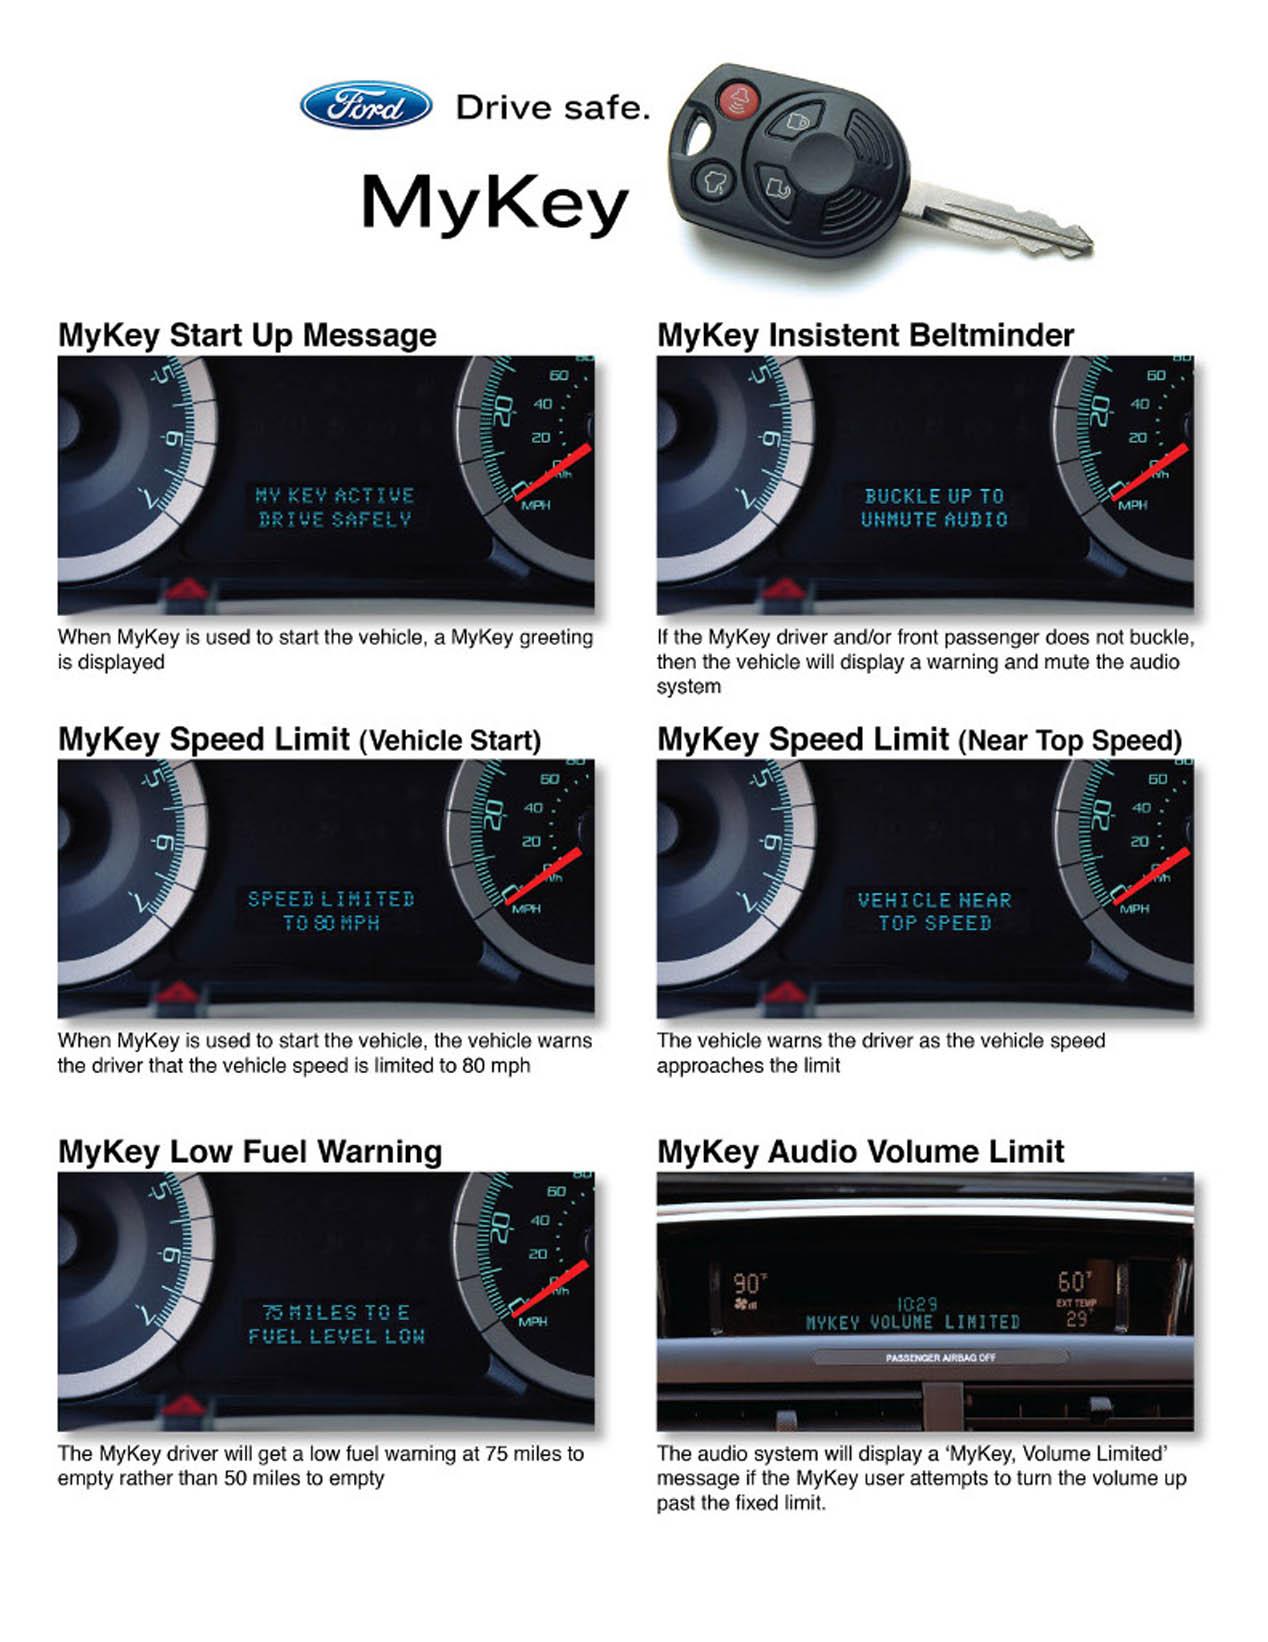 Sistema MyKey de Ford